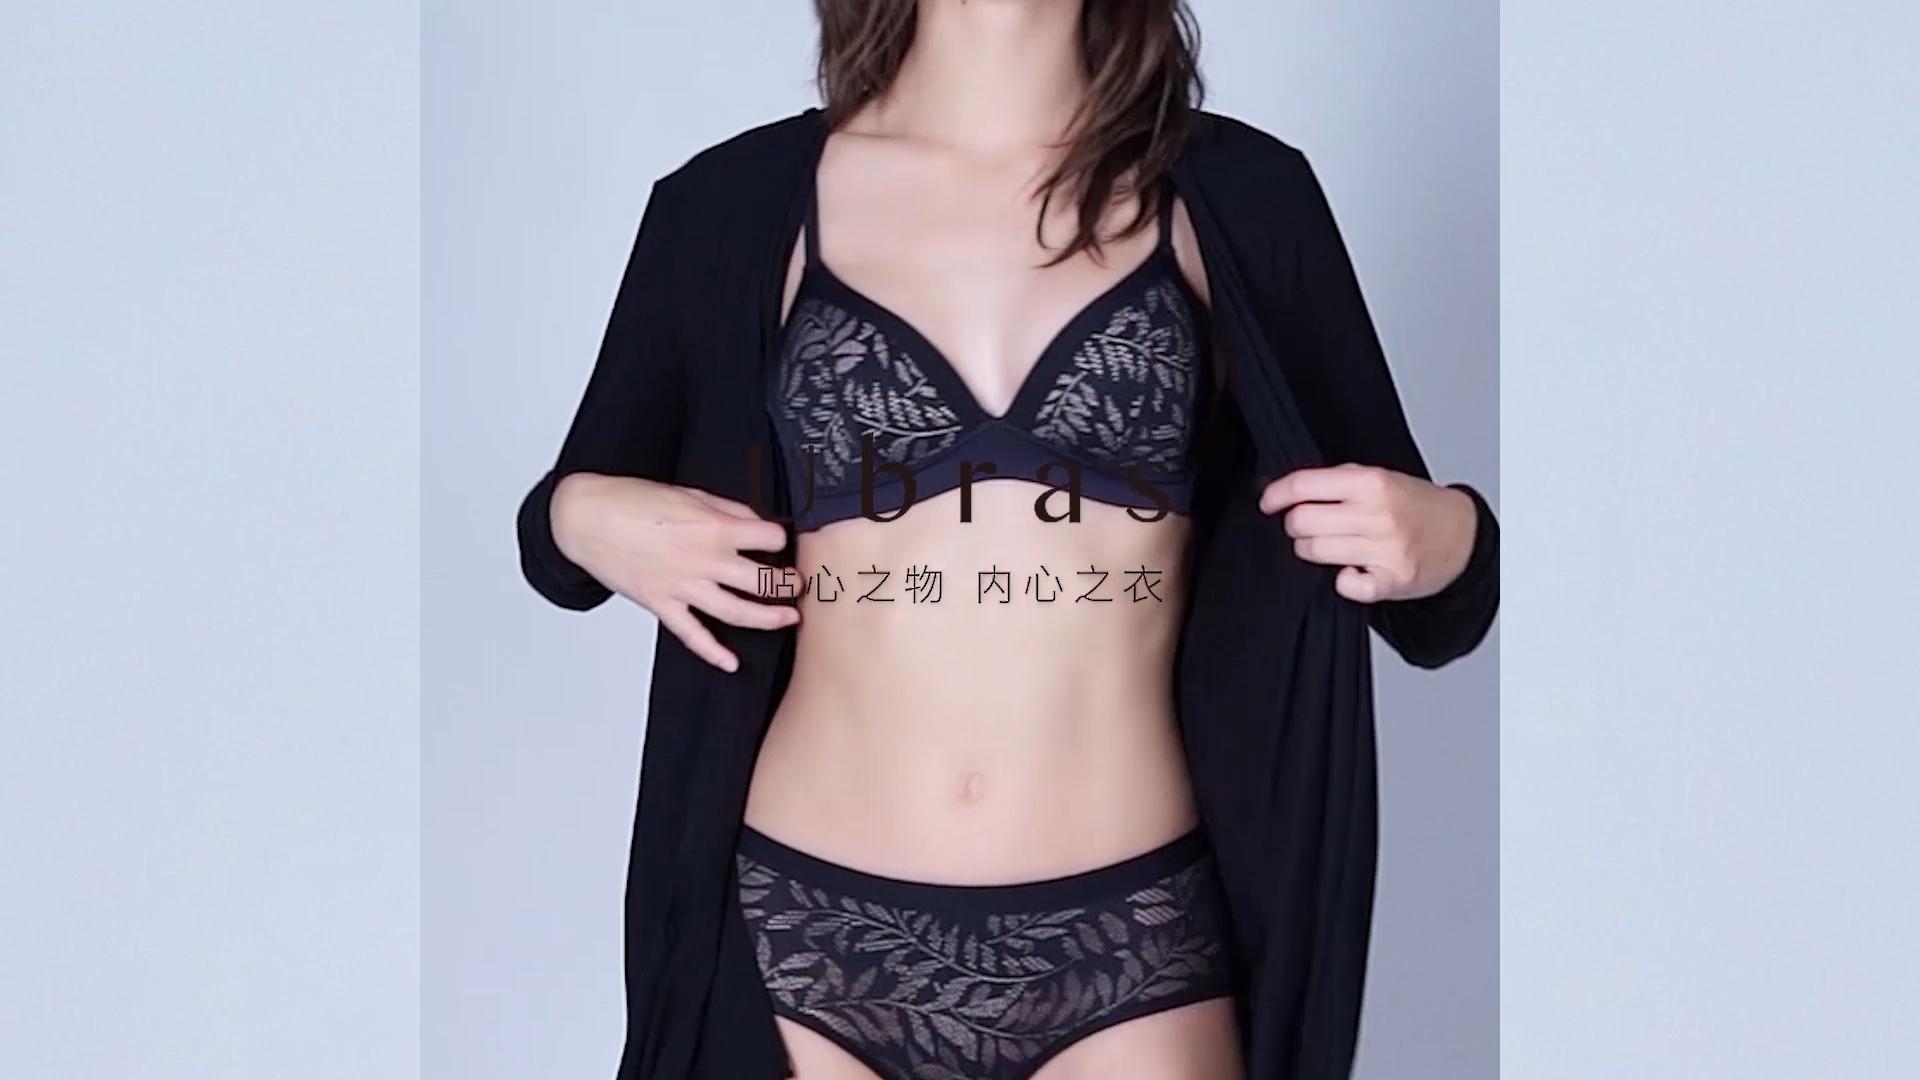 Ubrasชุดชั้นในดันทรงสำหรับผู้หญิงรุ่นUX124139,บราแฟชั่นลายดอกไม้ลูกไม้แฟนซีดีไซน์ใหม่ดูเรียบง่ายและเซ็กซี่